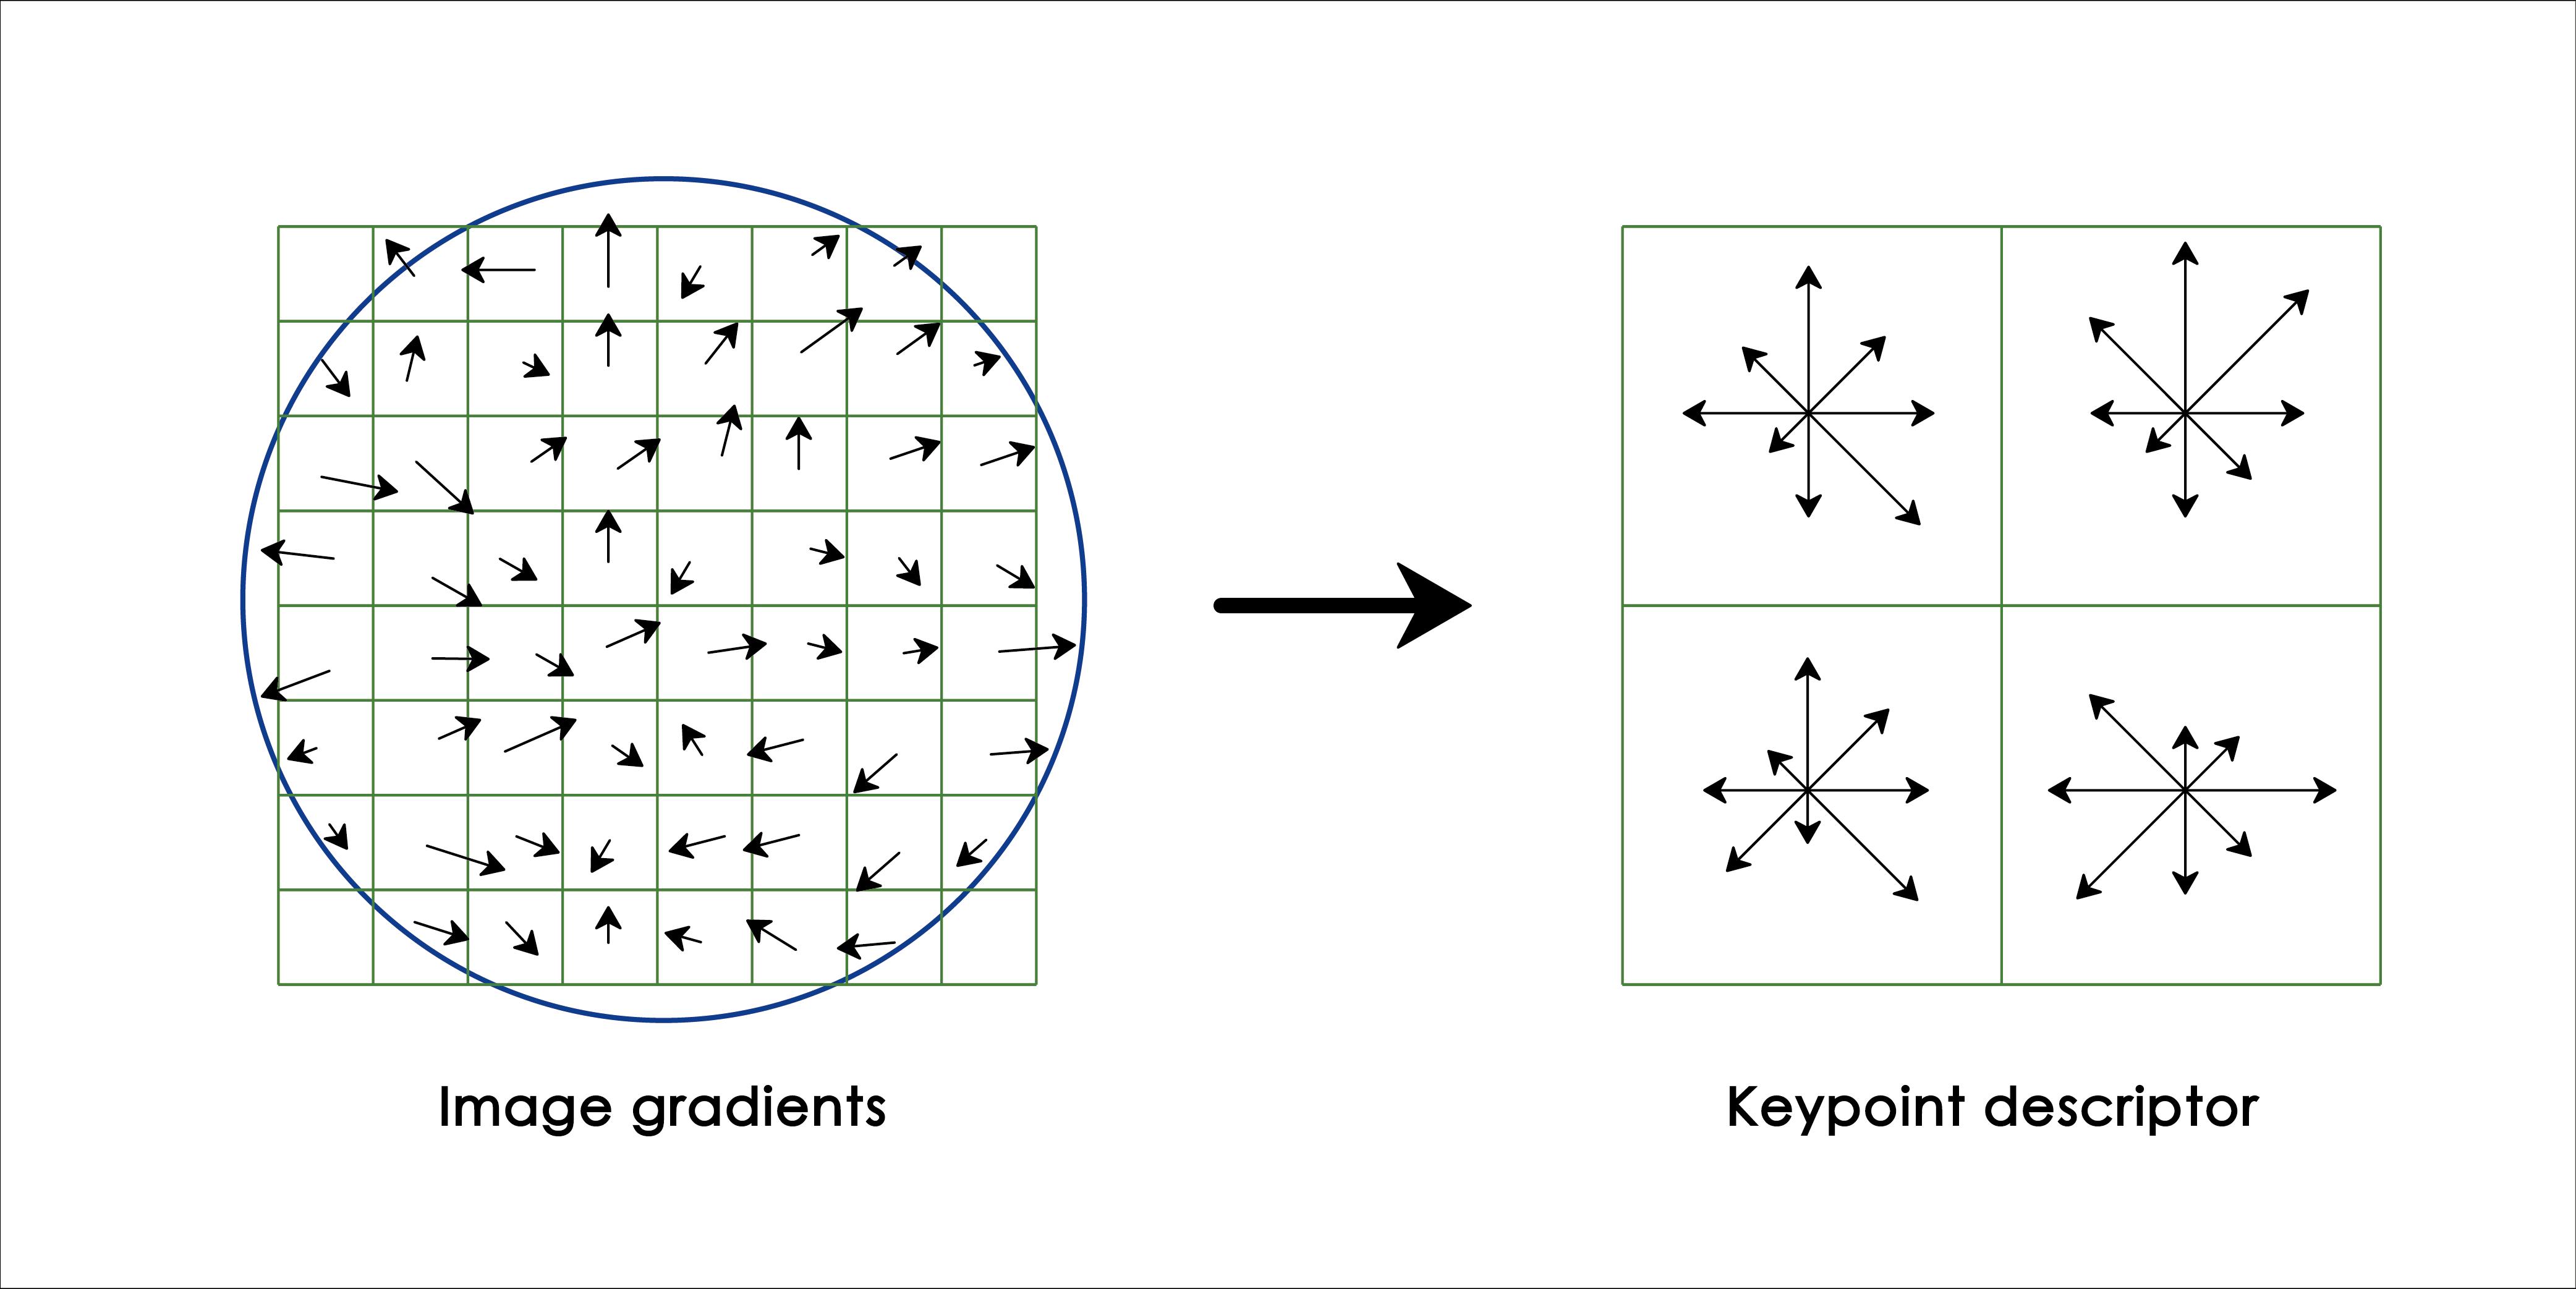 SIFT 電腦視覺演算法:先算出影像中每一個小區塊的方向性與梯度變化,再整合成各大區塊的方向性與梯度變化,降低資料的維度和雜訊,以利後續應用。圖│陳彥呈